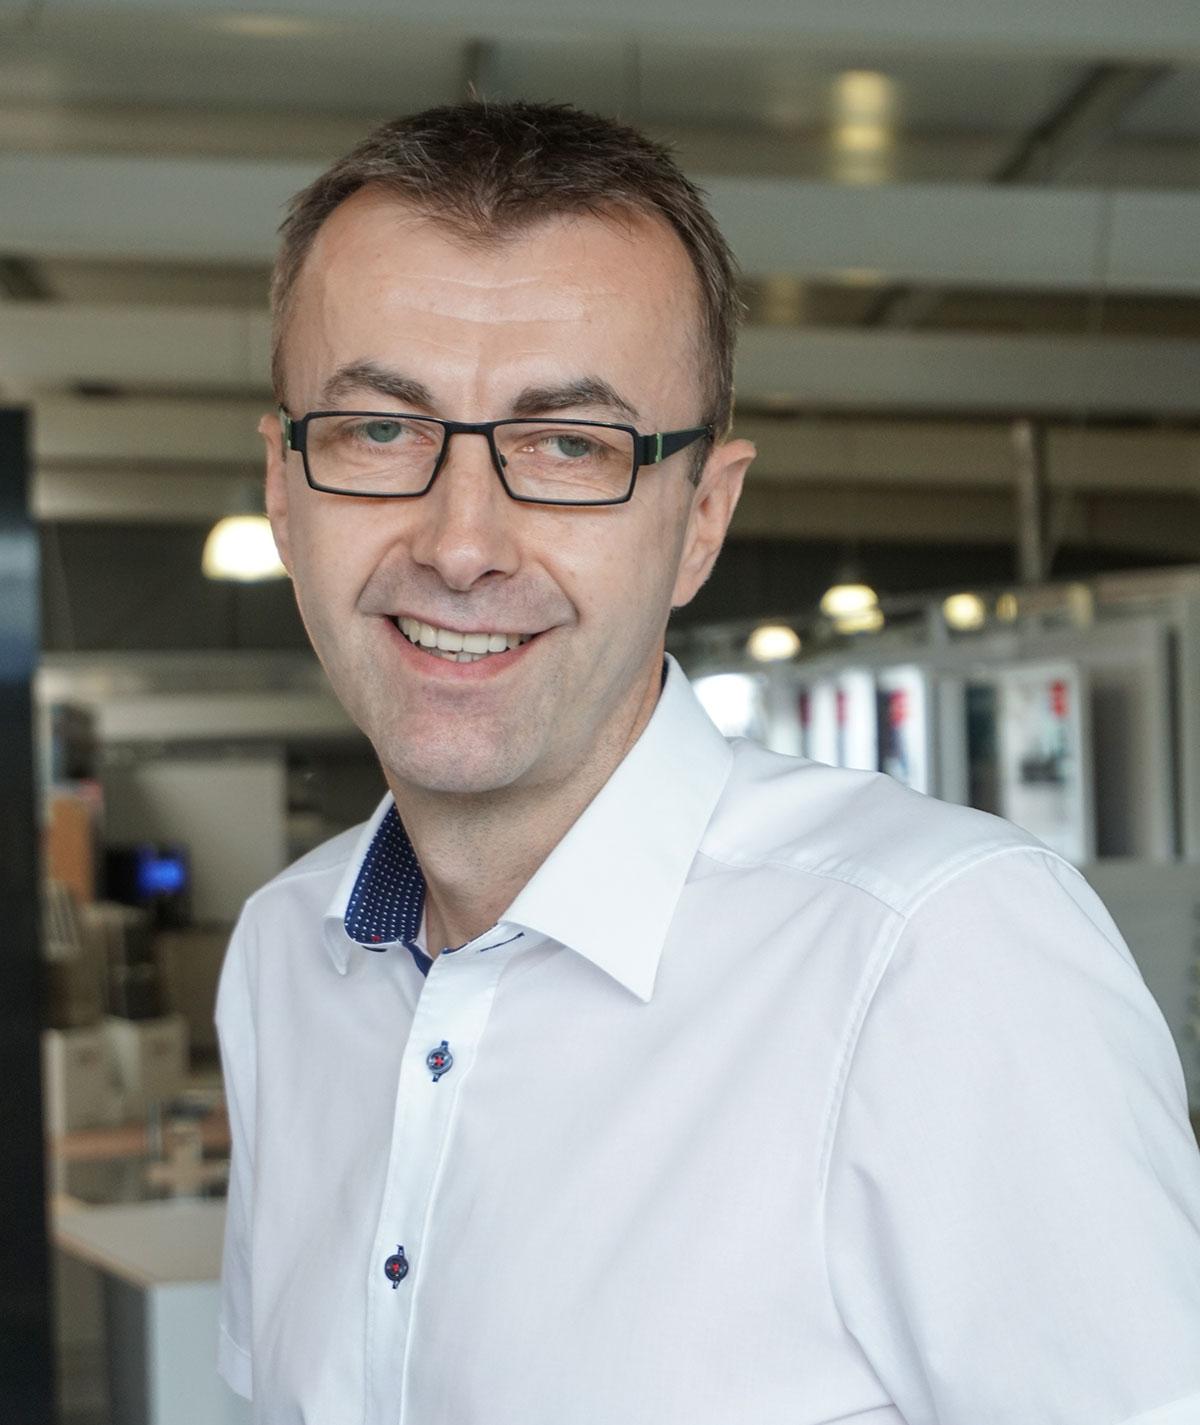 Jörg Nalbach